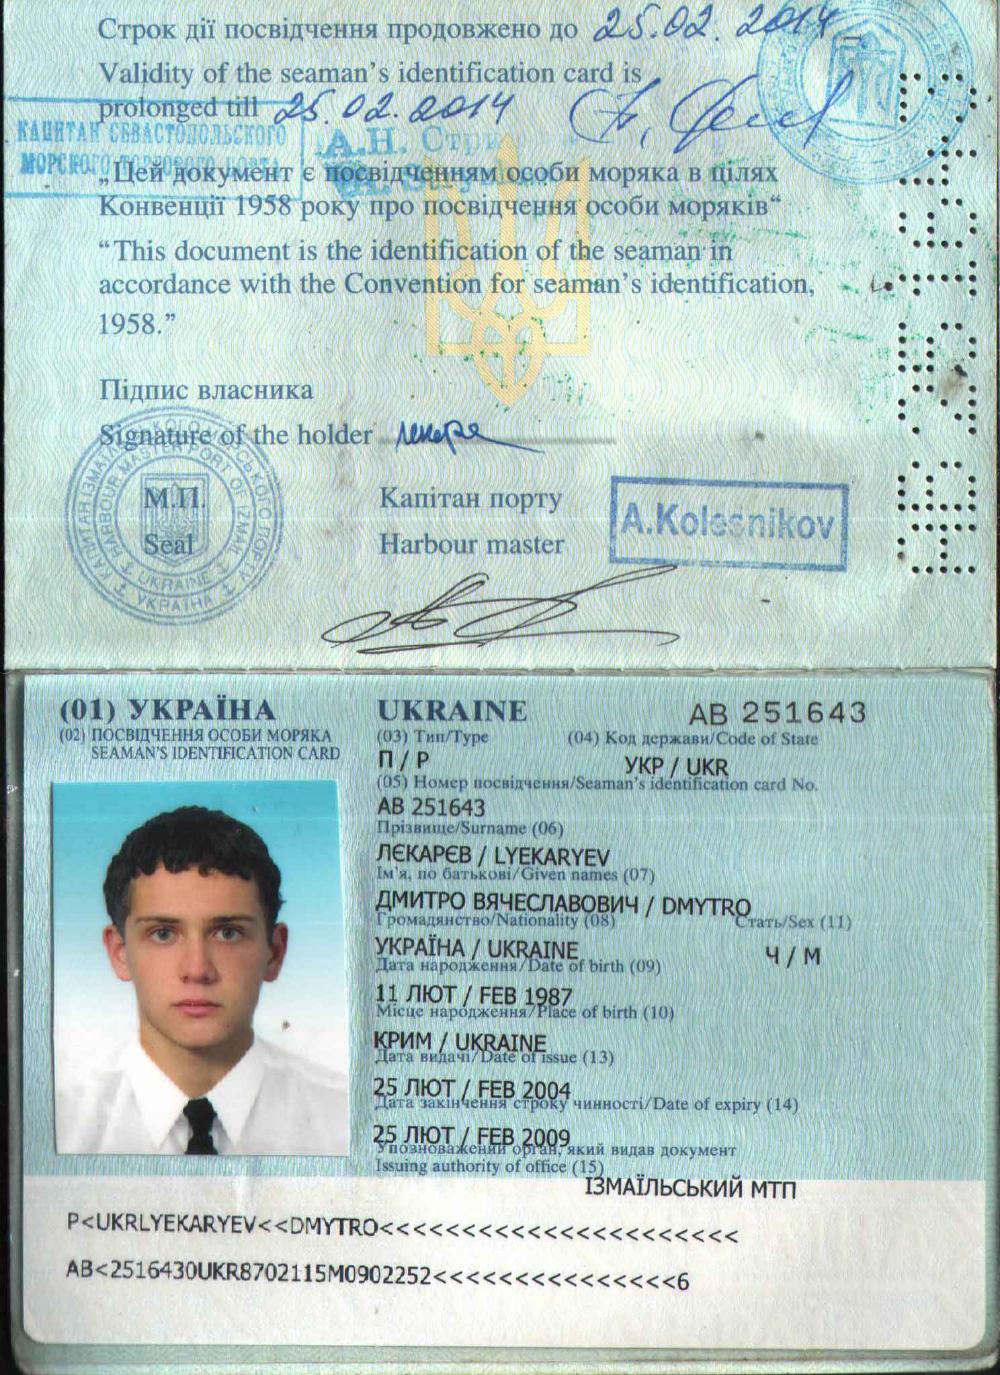 Удостоверение личности моряка Украины